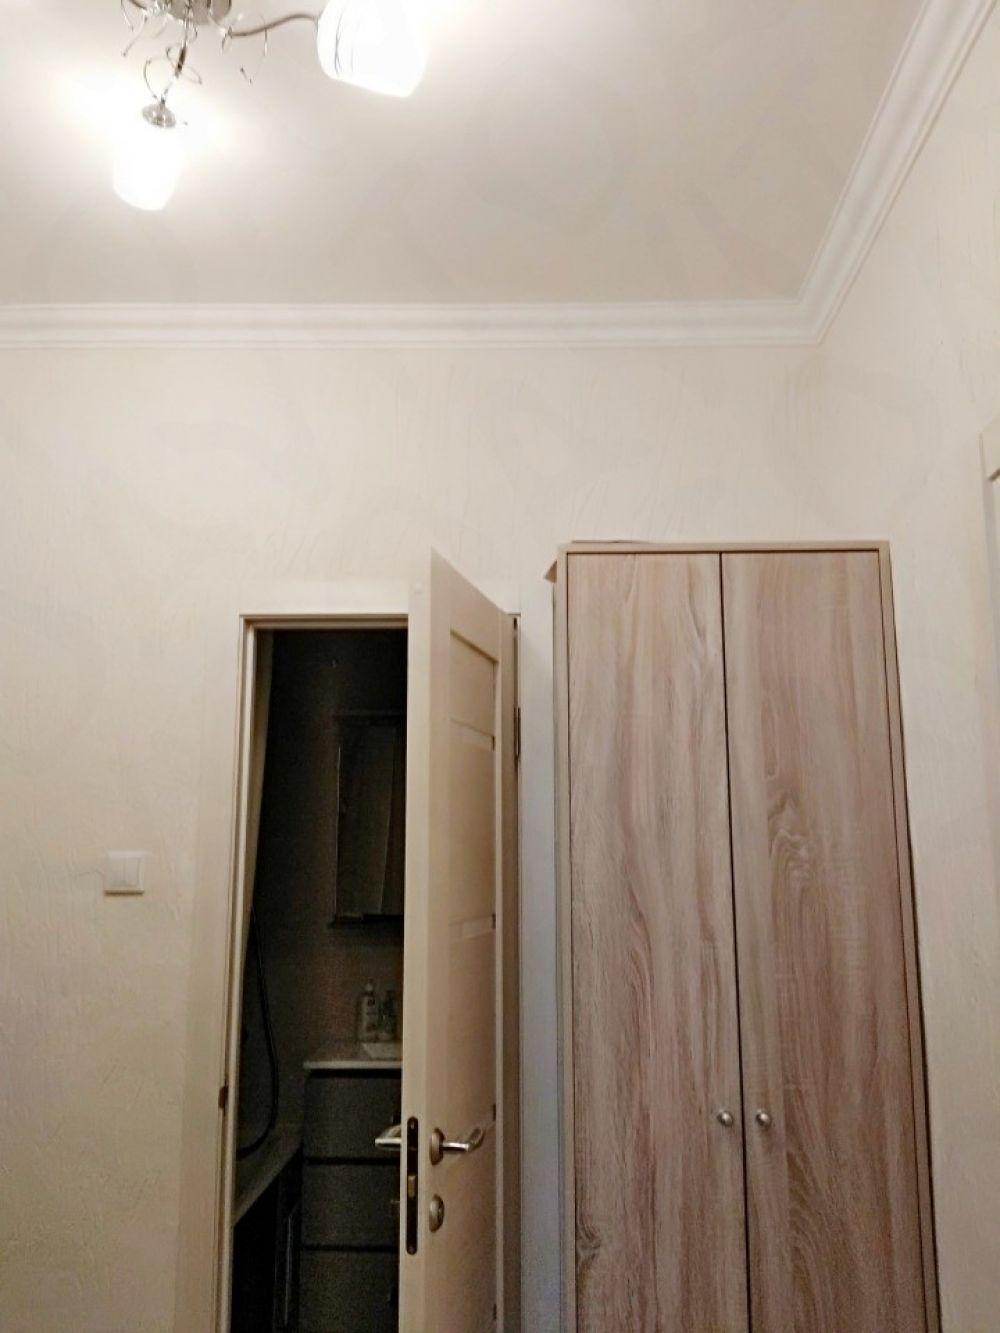 1-к квартира, Щёлково, Богородский, 19, фото 17